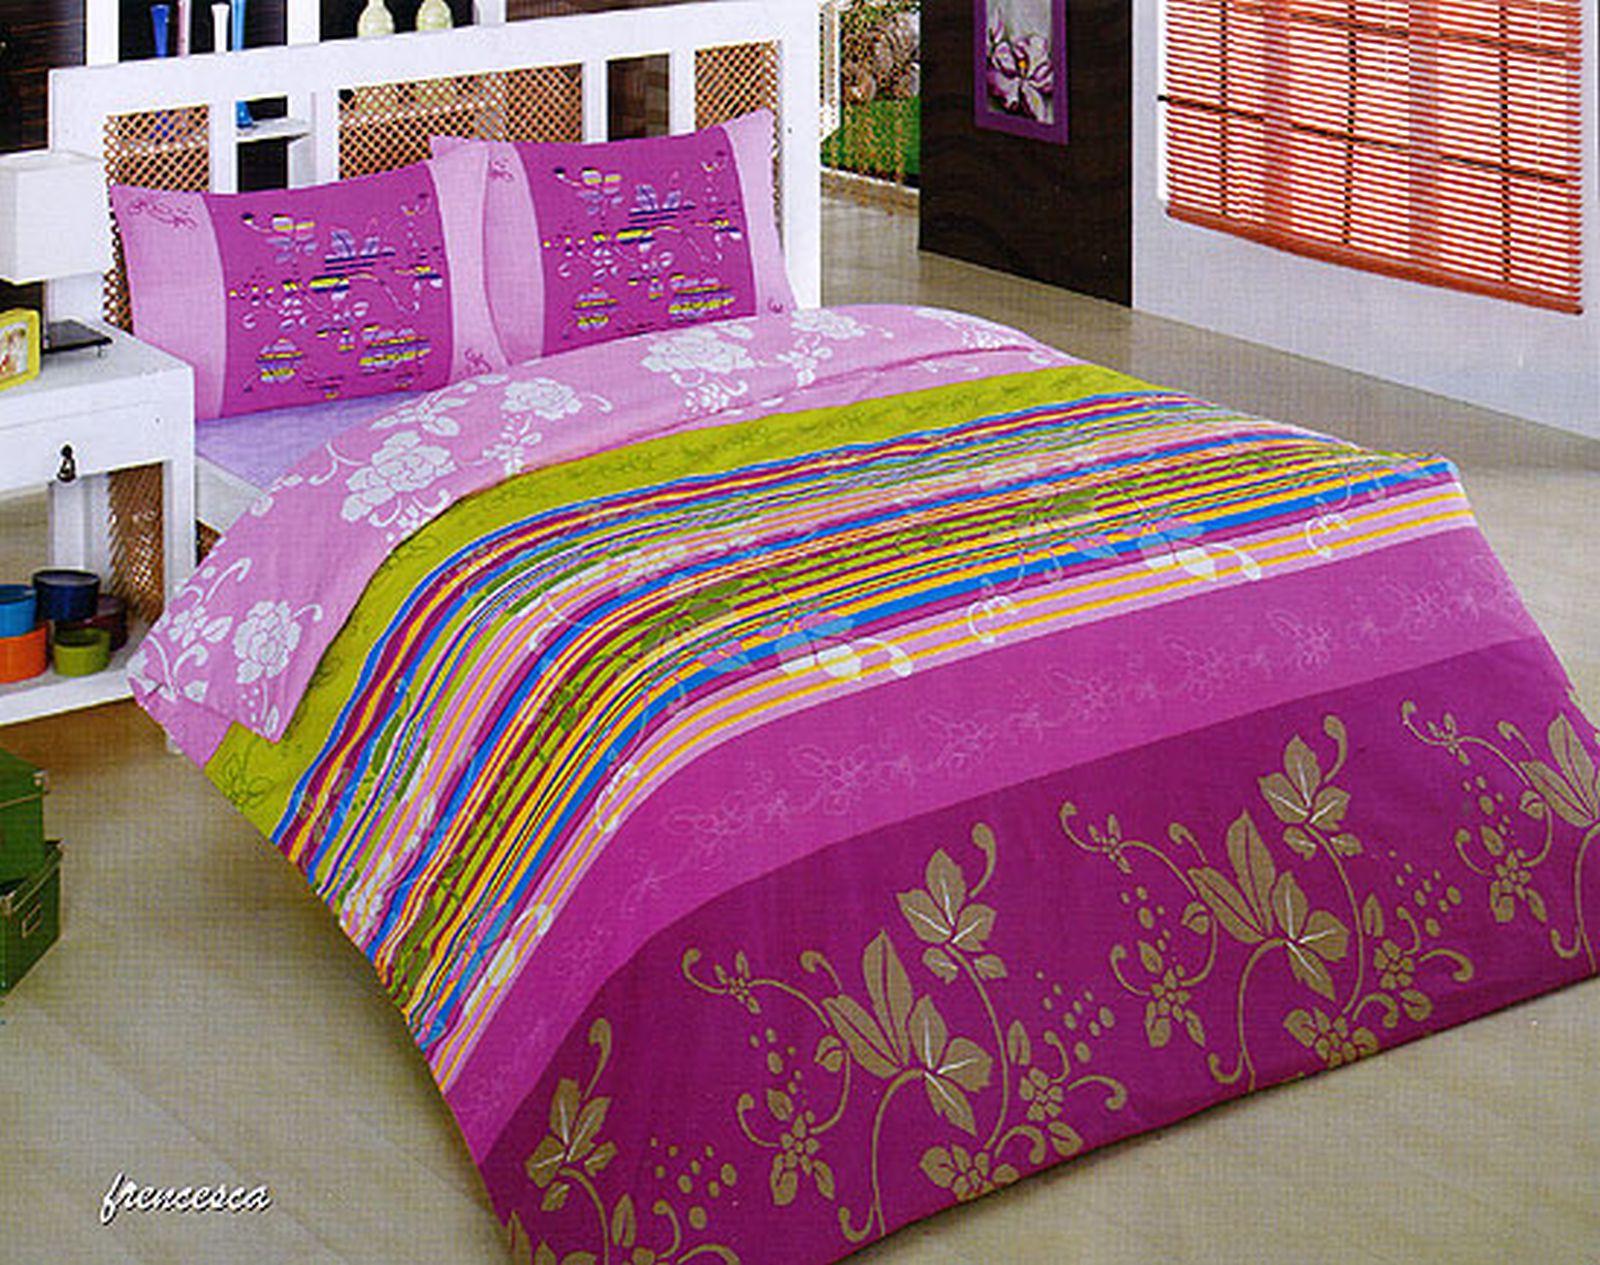 luxus 5 tlg bettw sche bettgarnitur baumwolle renforce 200x200 cm viele designs ebay. Black Bedroom Furniture Sets. Home Design Ideas